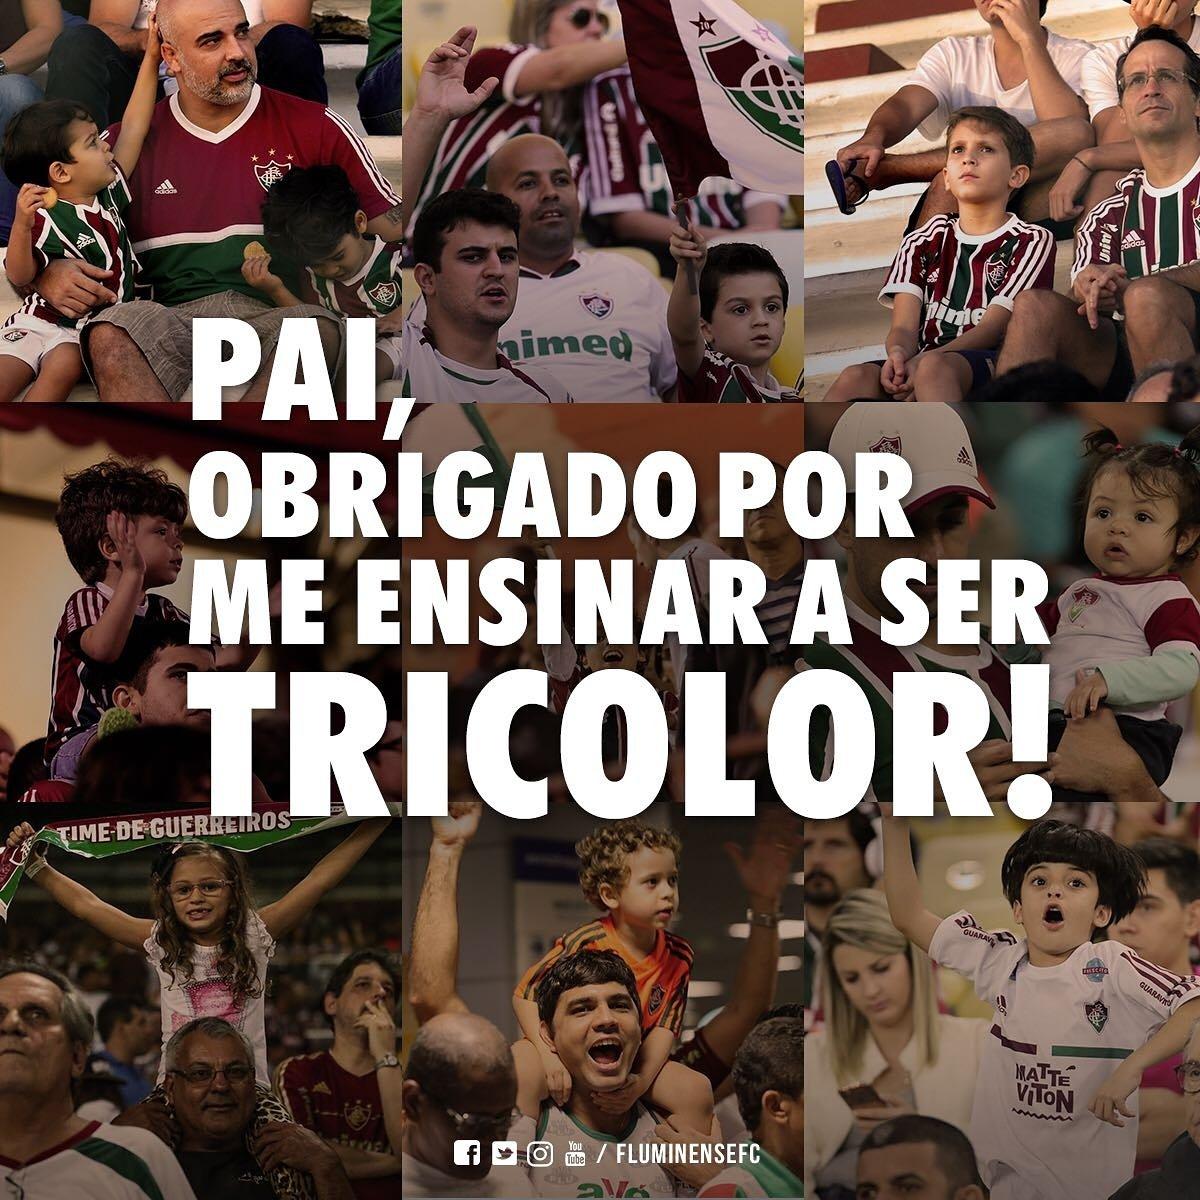 Graças a Deus sou Tricolor! E ao meu pai também. 🙏🏽